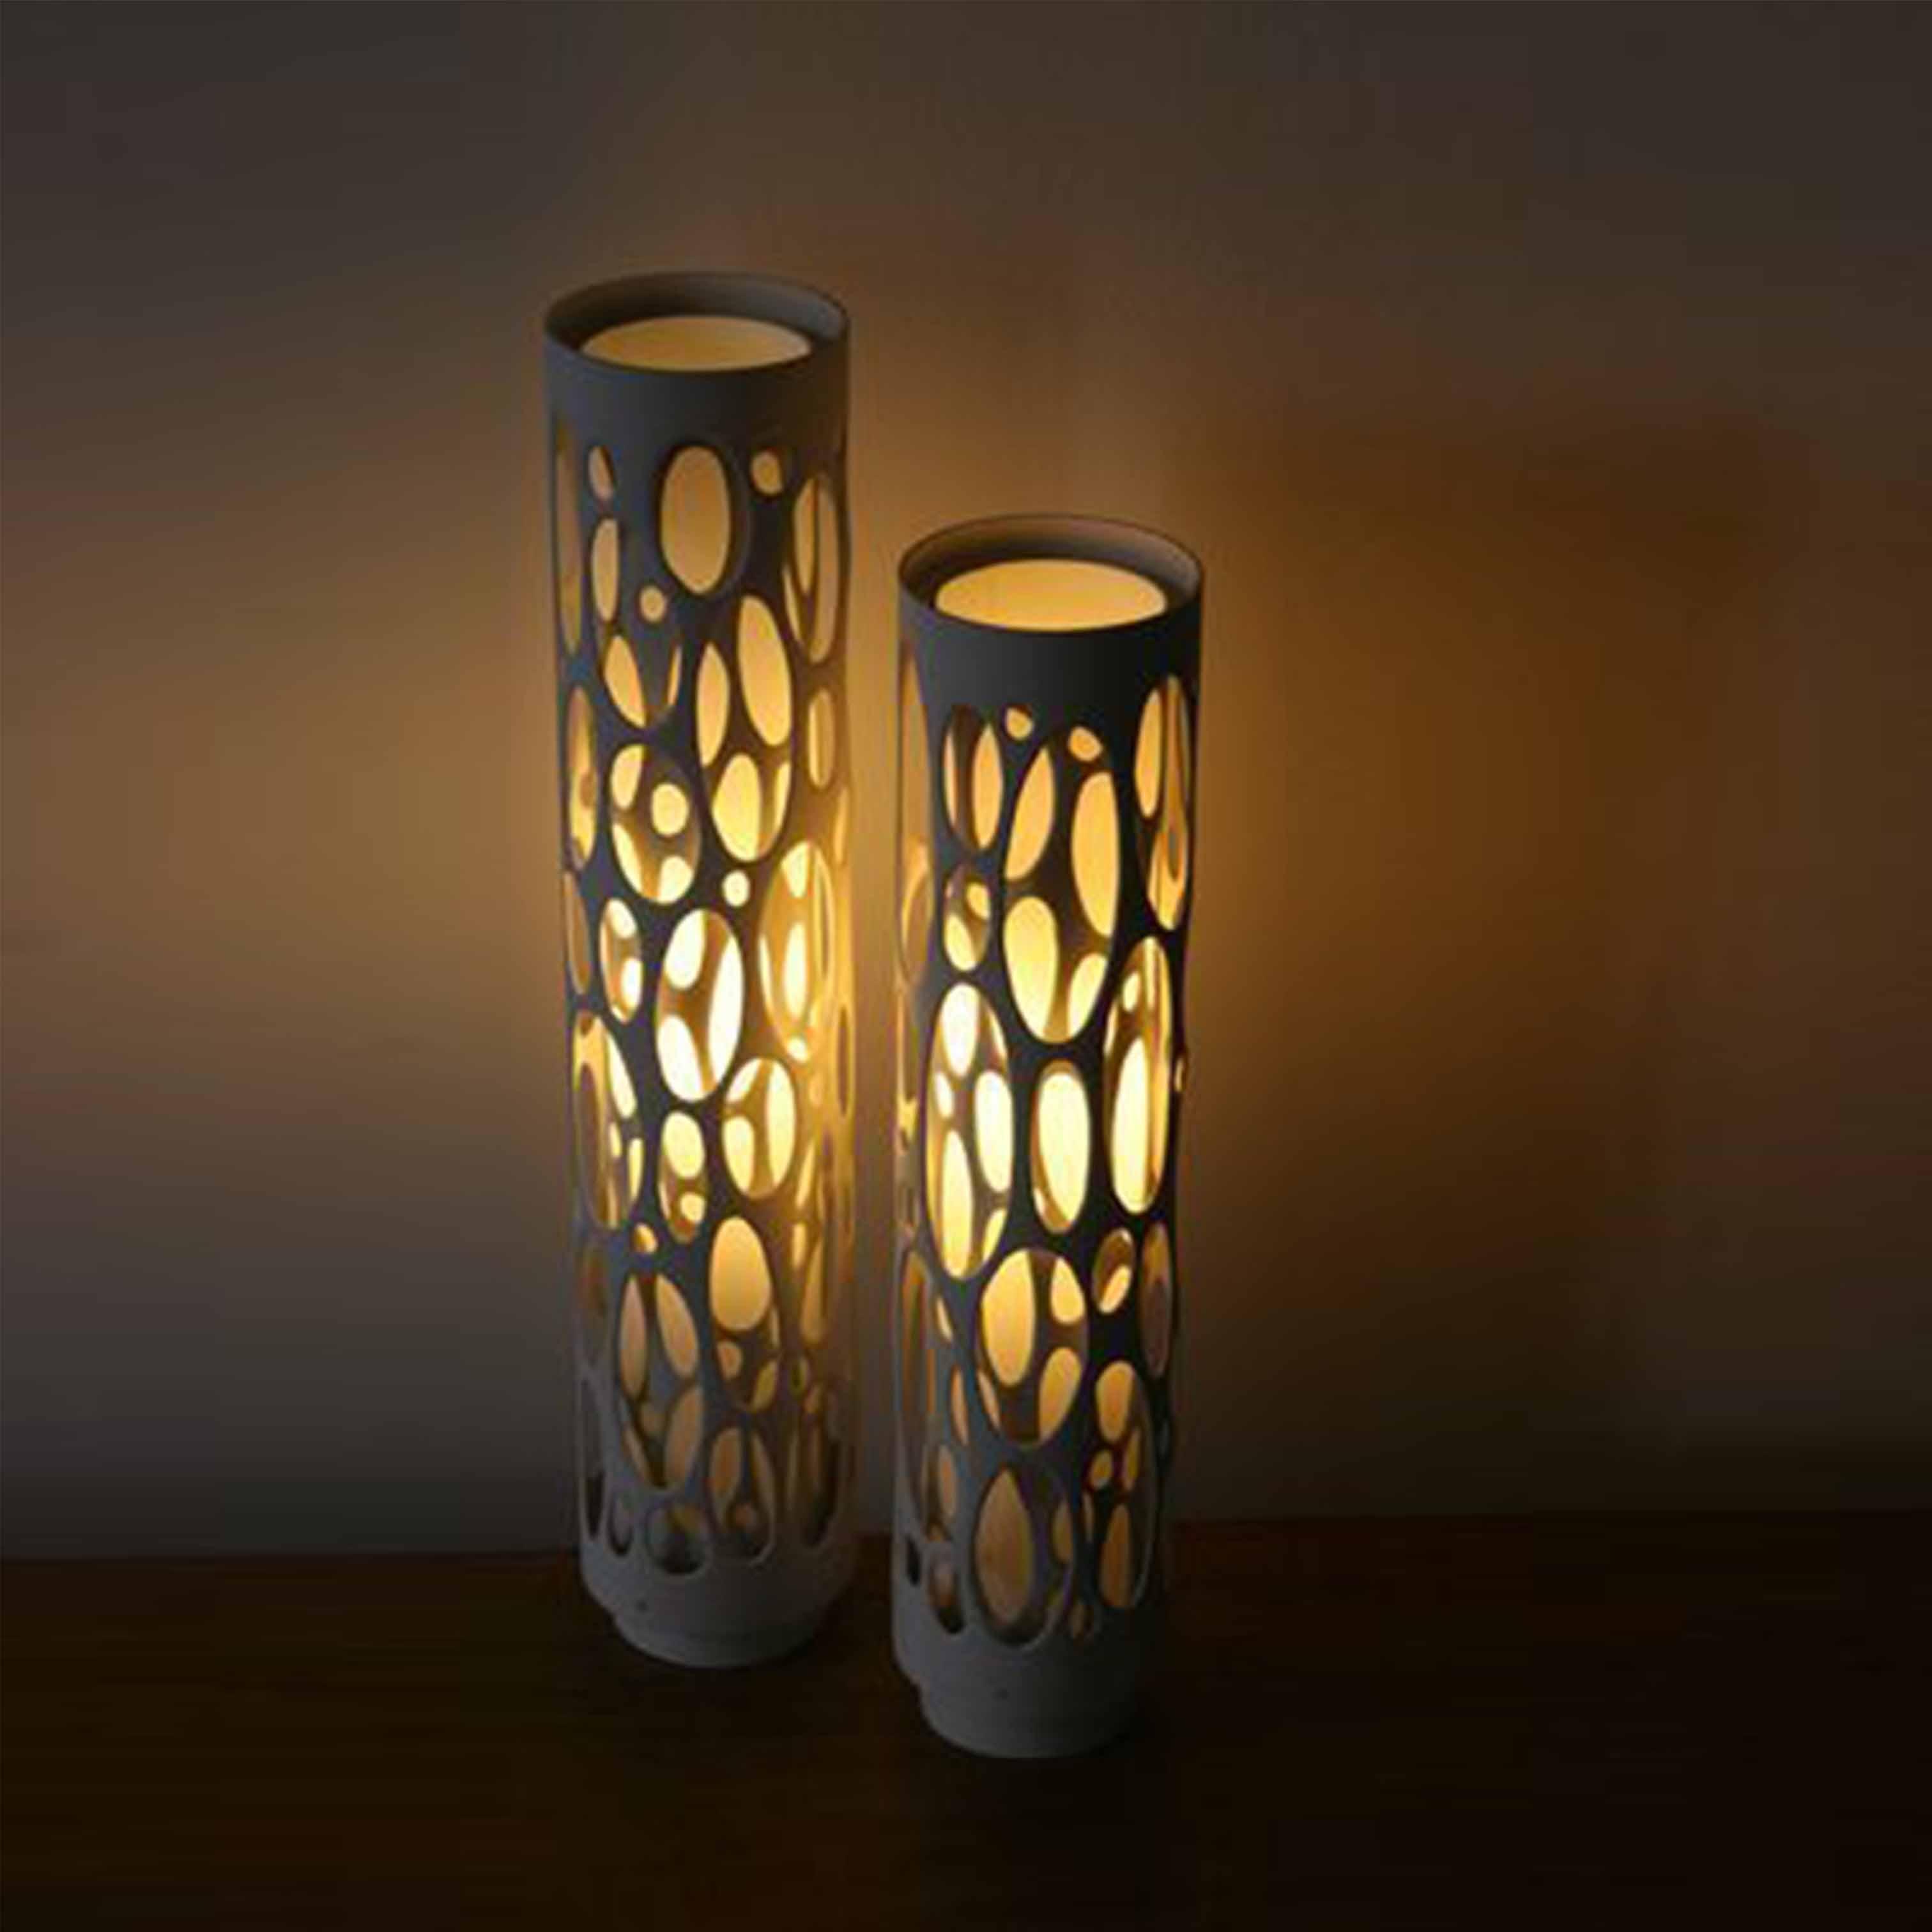 Đèn gỗ trang trí nghệ thuật - D53LHFU